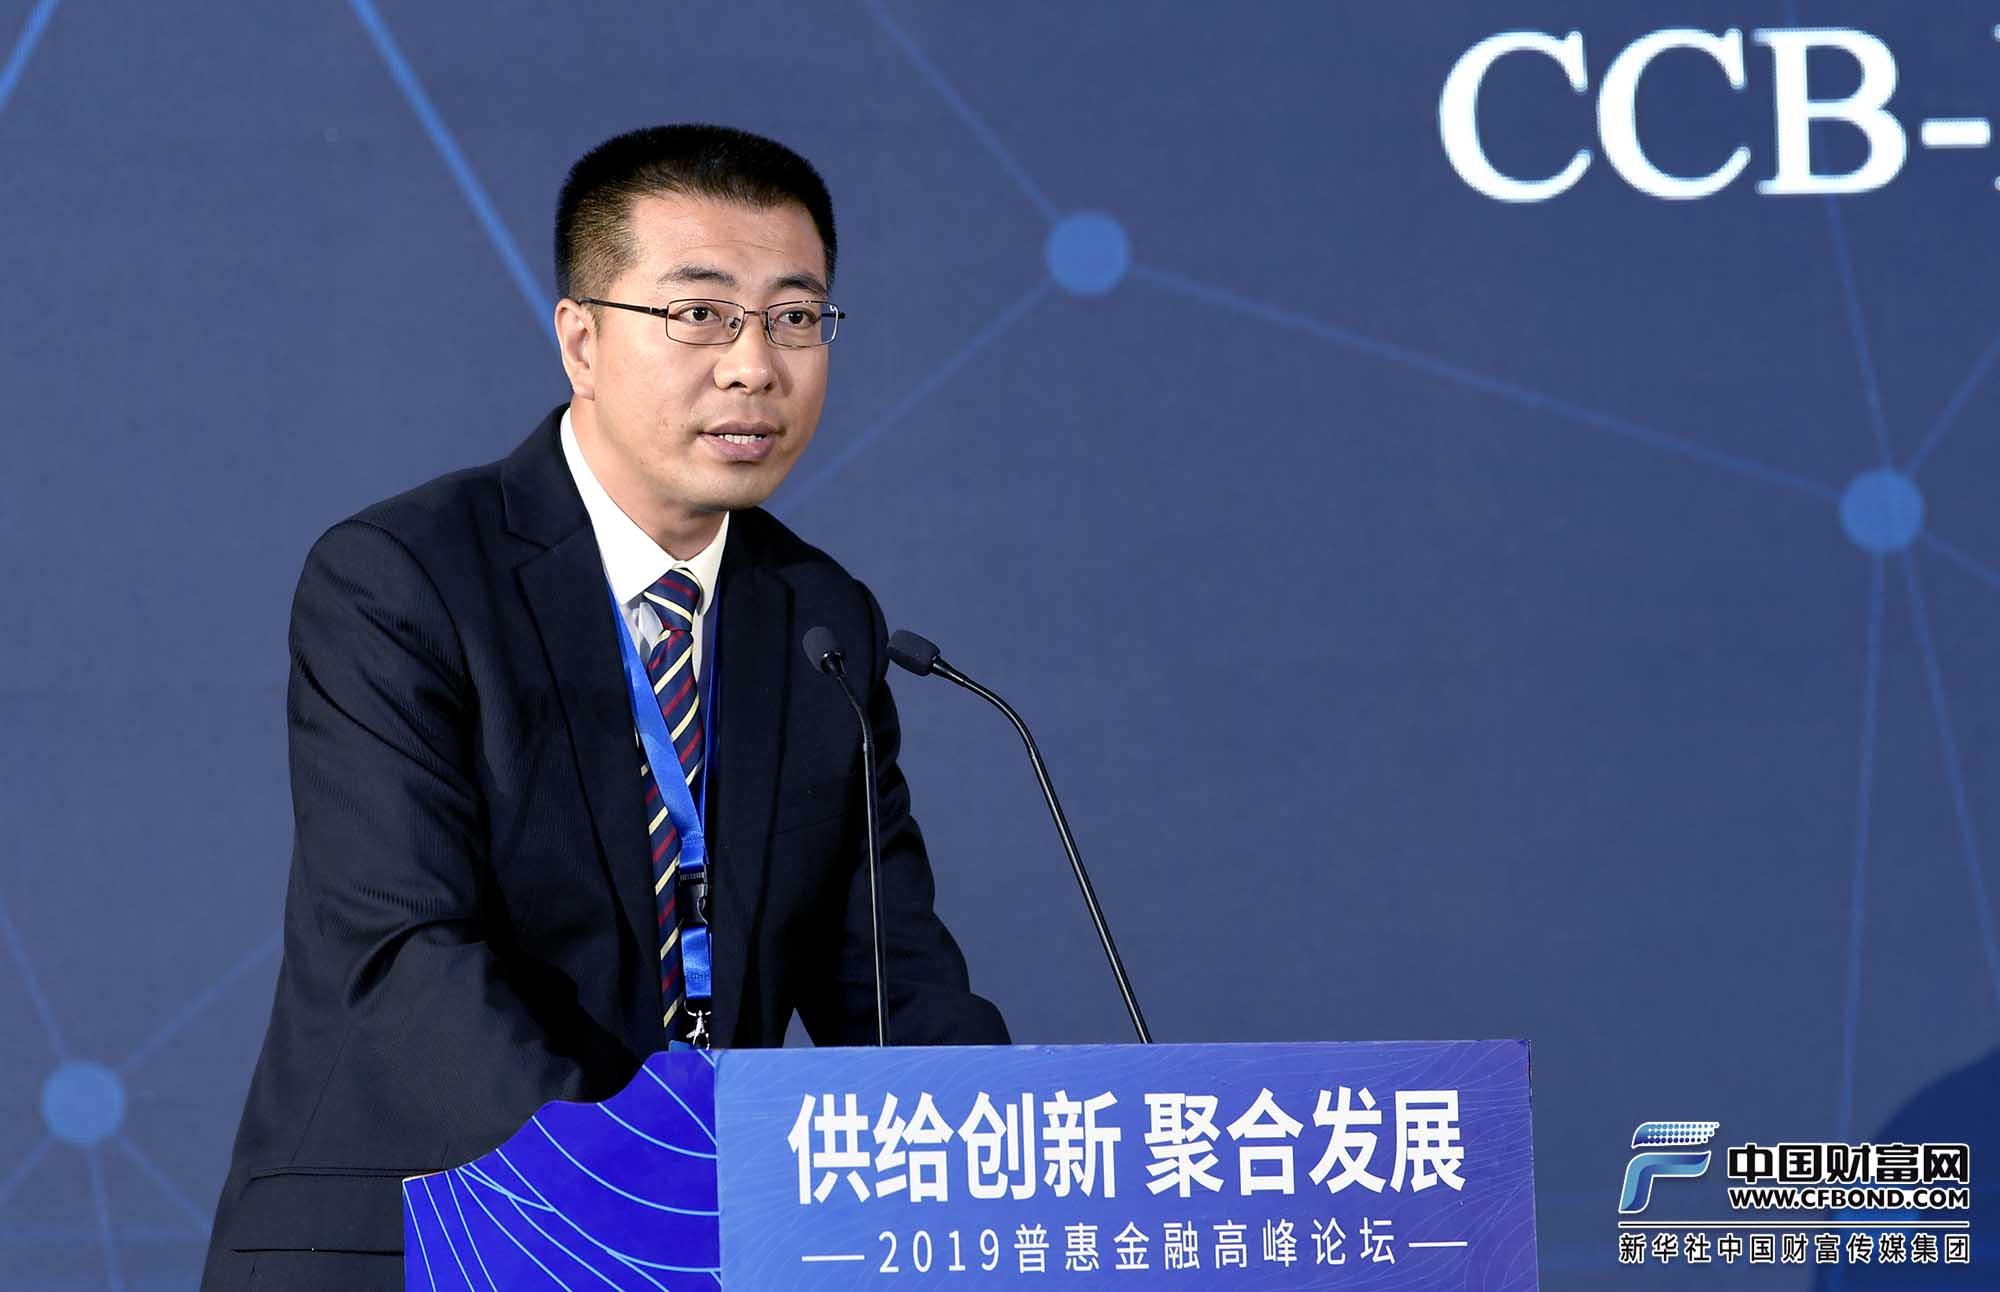 发言人:中国经济信息社新华指数事业部副总经理曹占忠